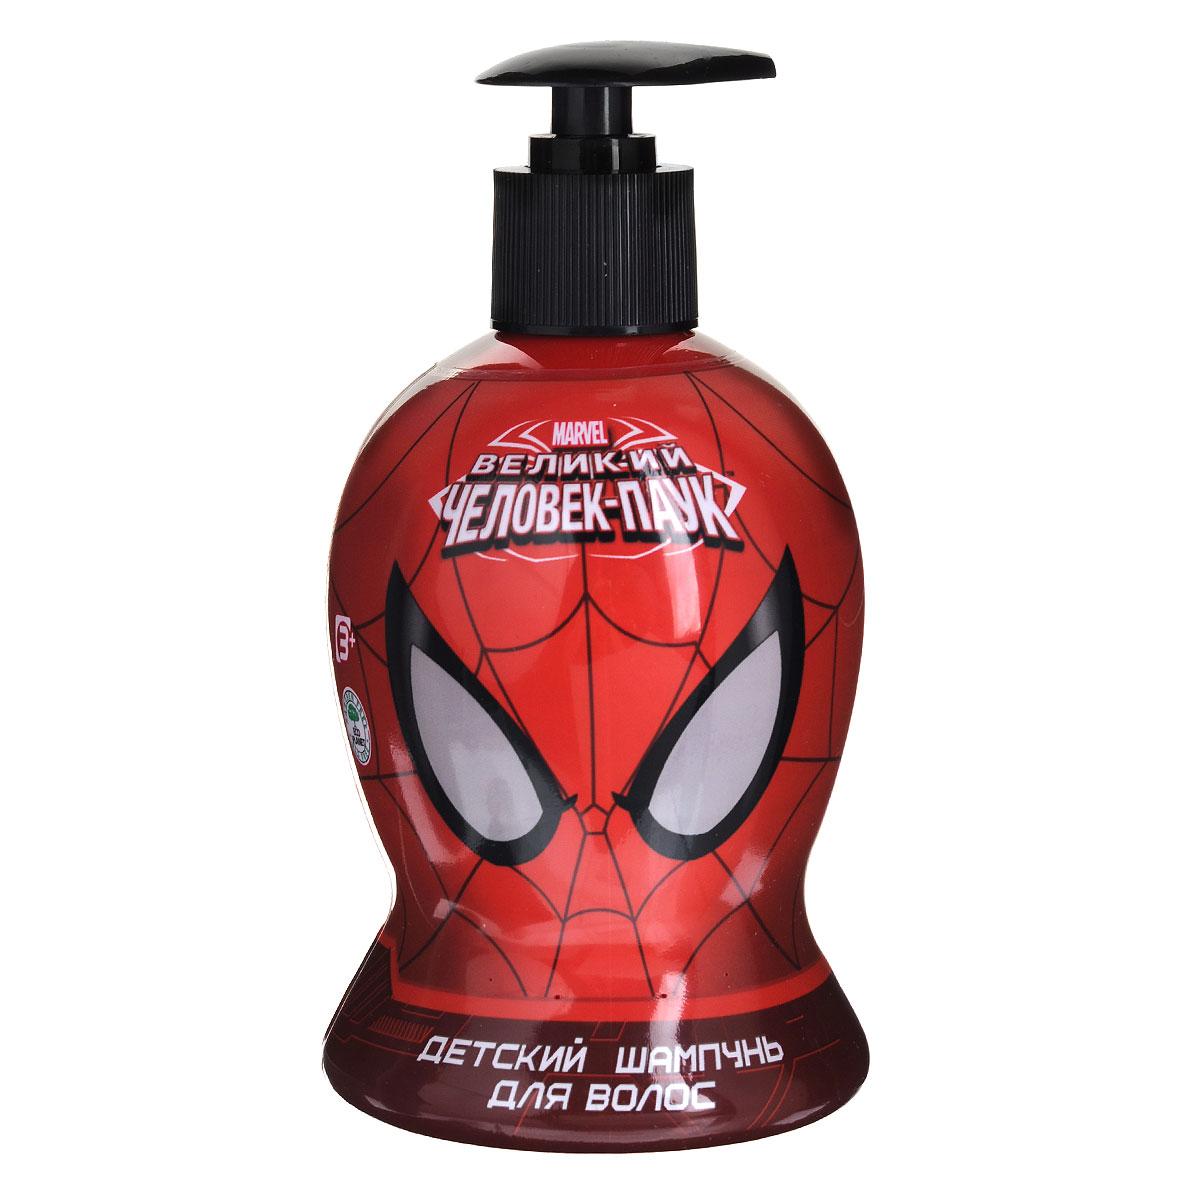 Spider-Man Шампунь Black is Black, детский, 480 мл81570281Шампунь мягко очищает волосы и кожу головы, одновременно питает их полезными растительными экстрактами. Волосы становятся мягкими, шелковистыми, легко расчесываются. Приятный тонизирующий аромат заряжает великолепным настроением надолго. Линия средств для настоящего супер-героя! Товар сертифицирован.